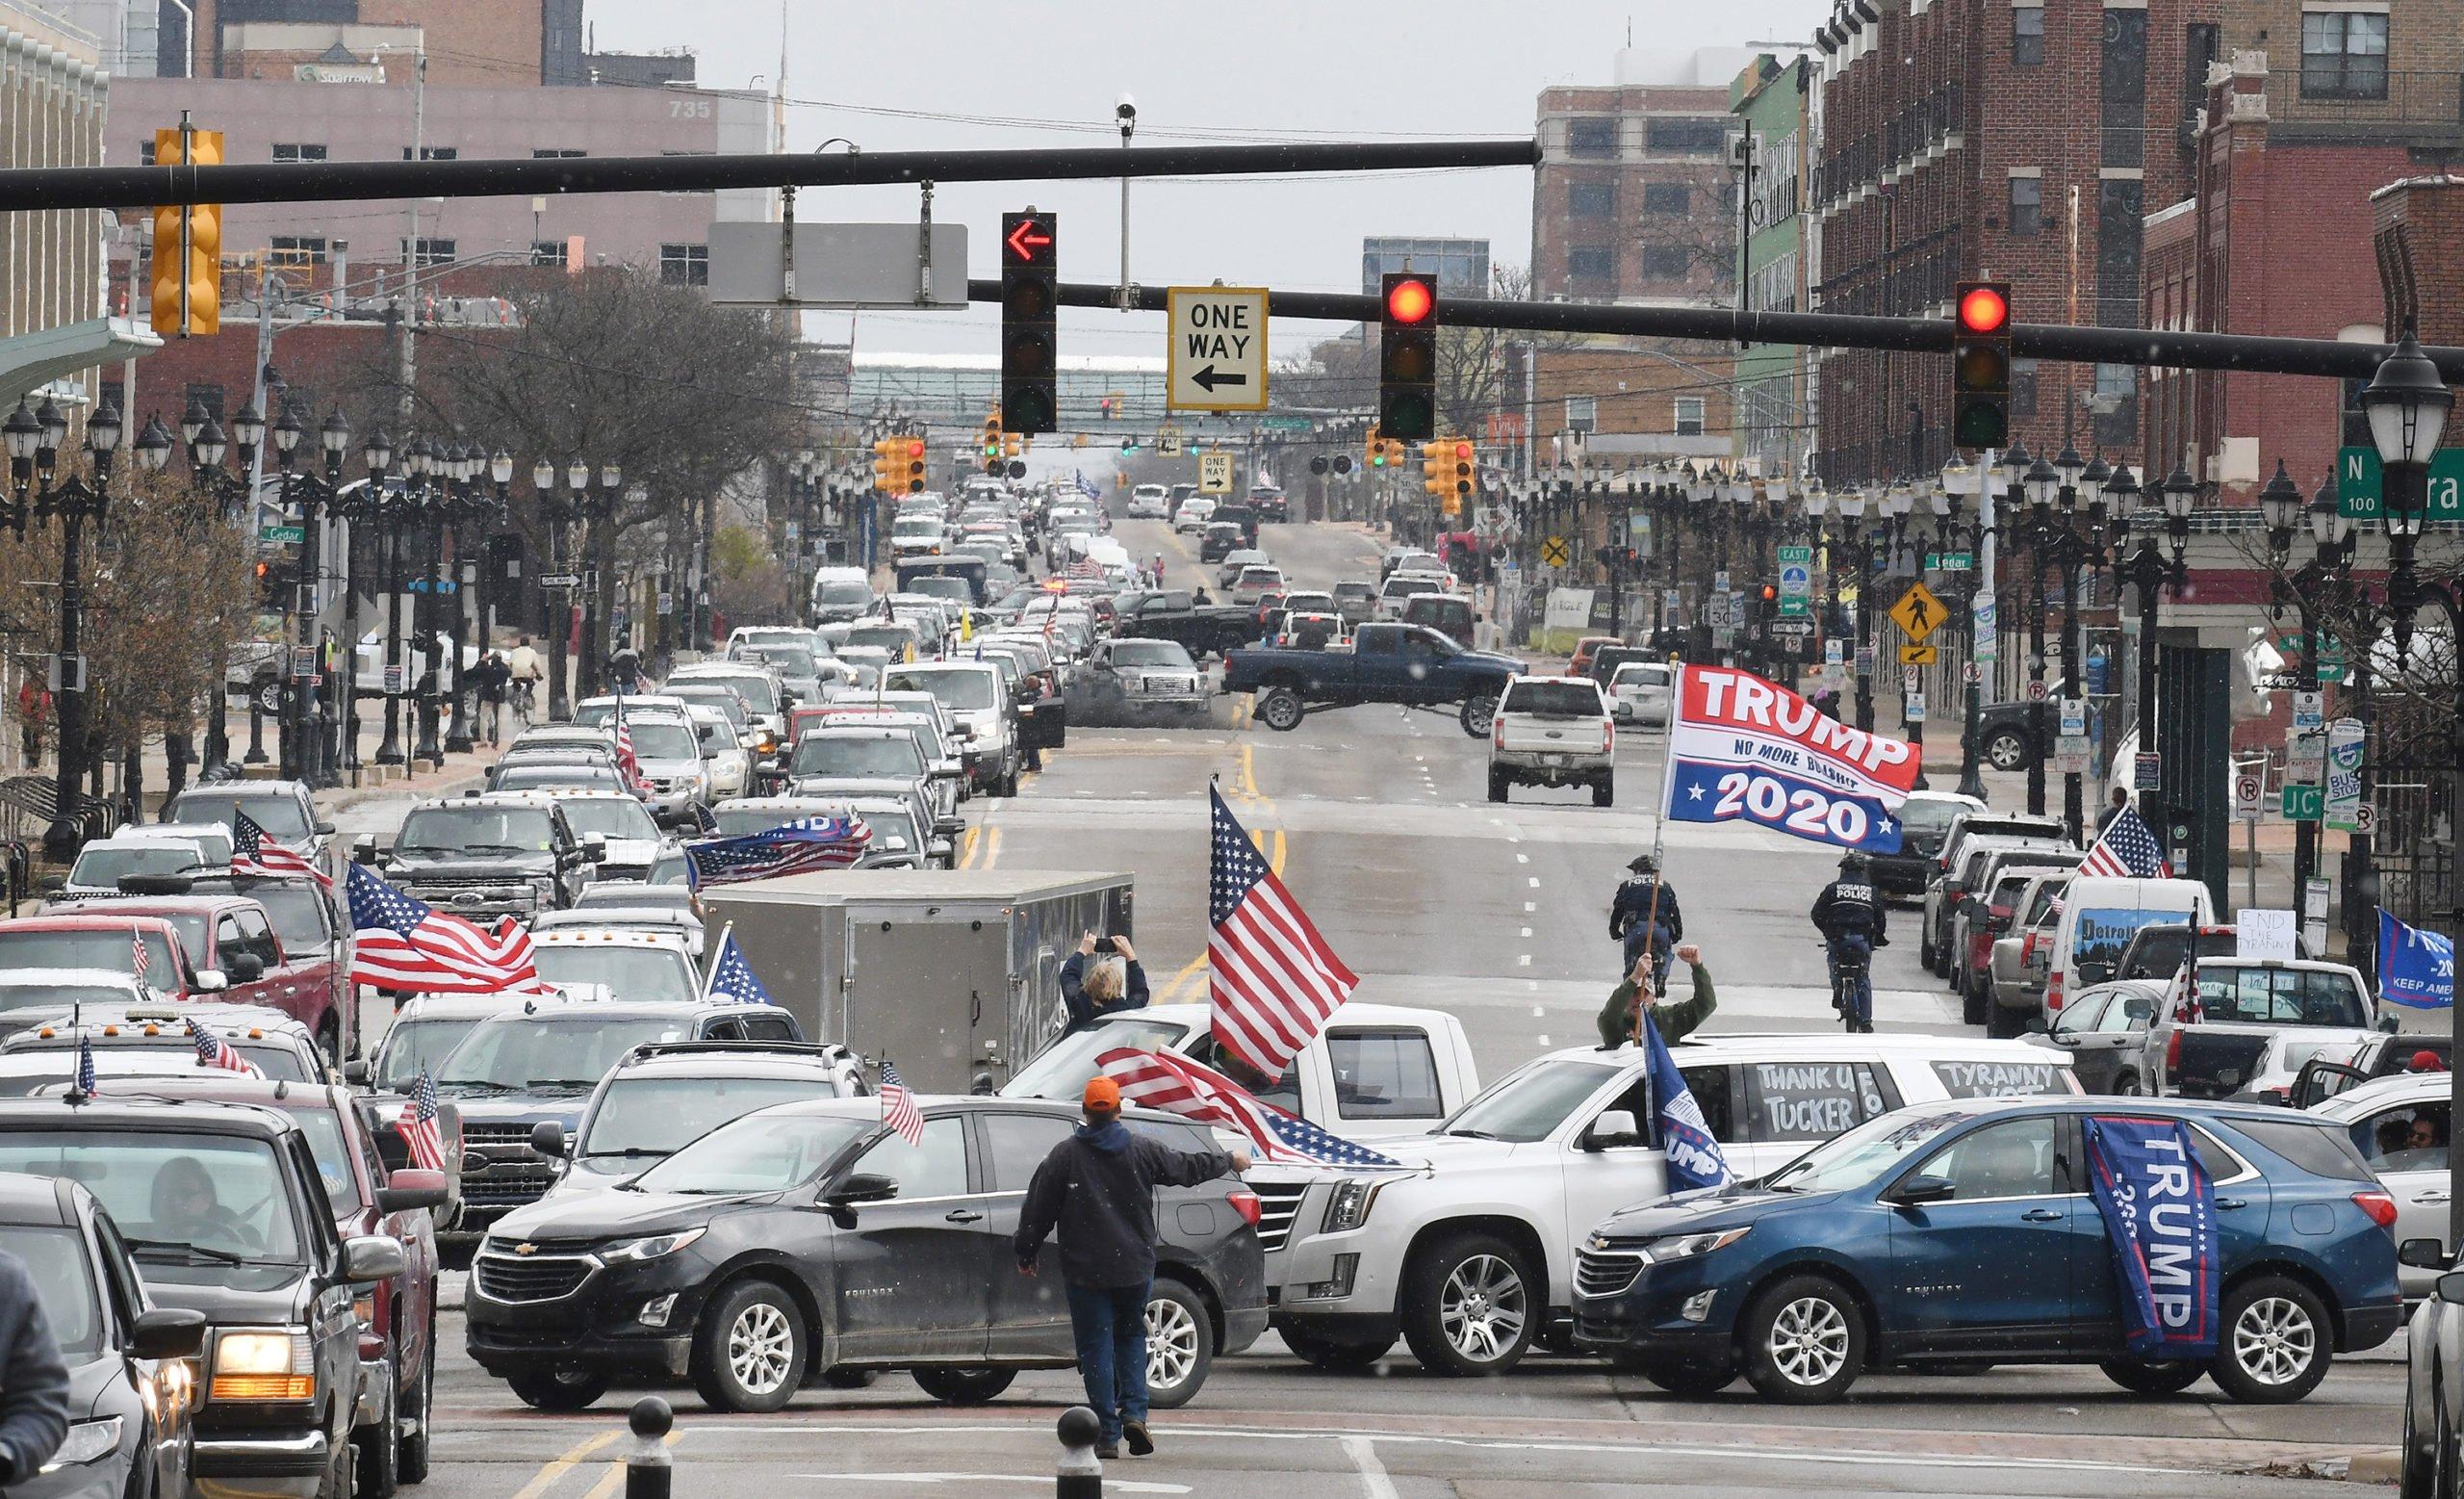 coronavirus - Usa - estrema destra - proteste - lockdown